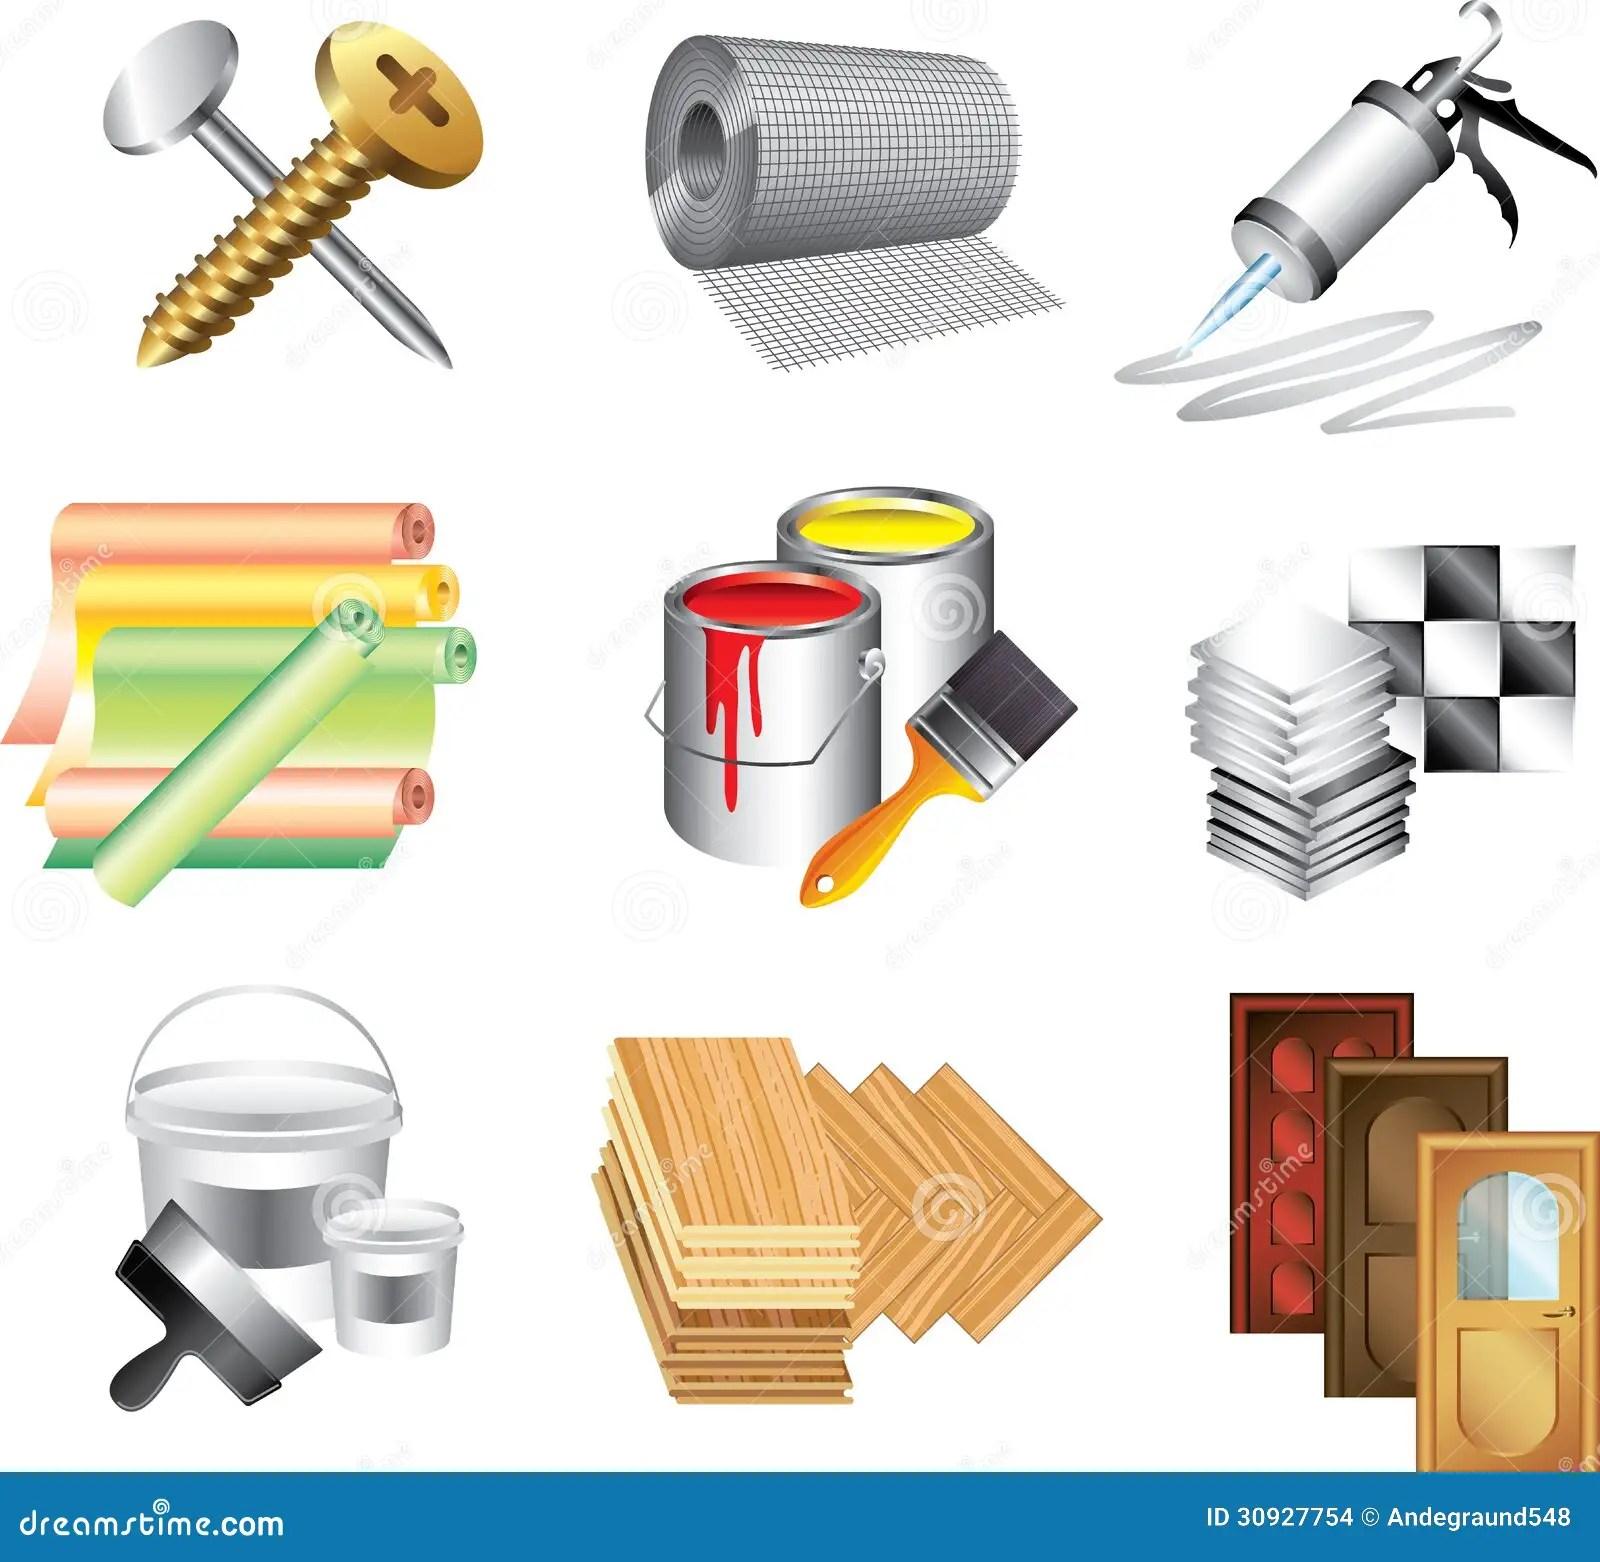 Icones De Materiaux De Construction Illustration De